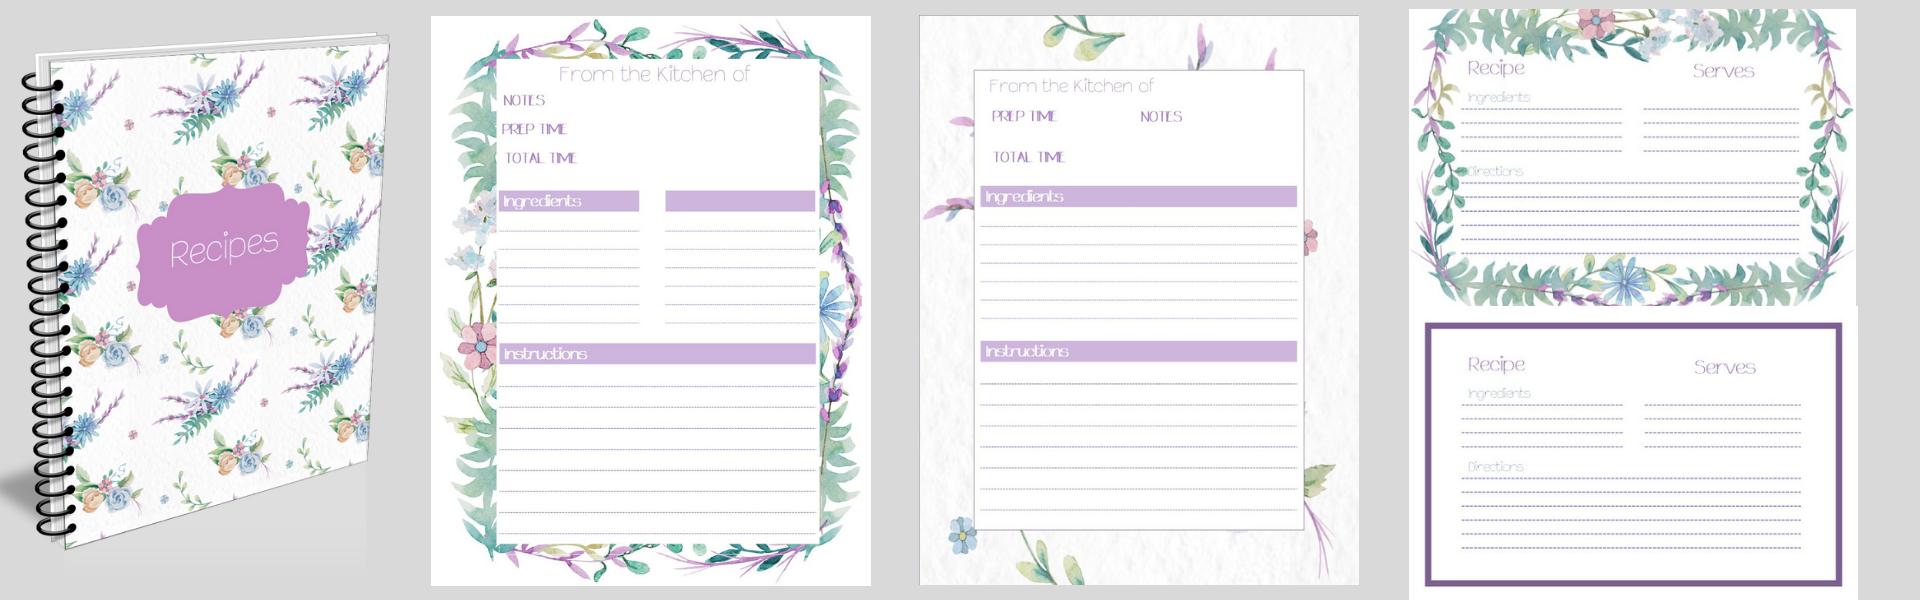 Floral Recipe Book